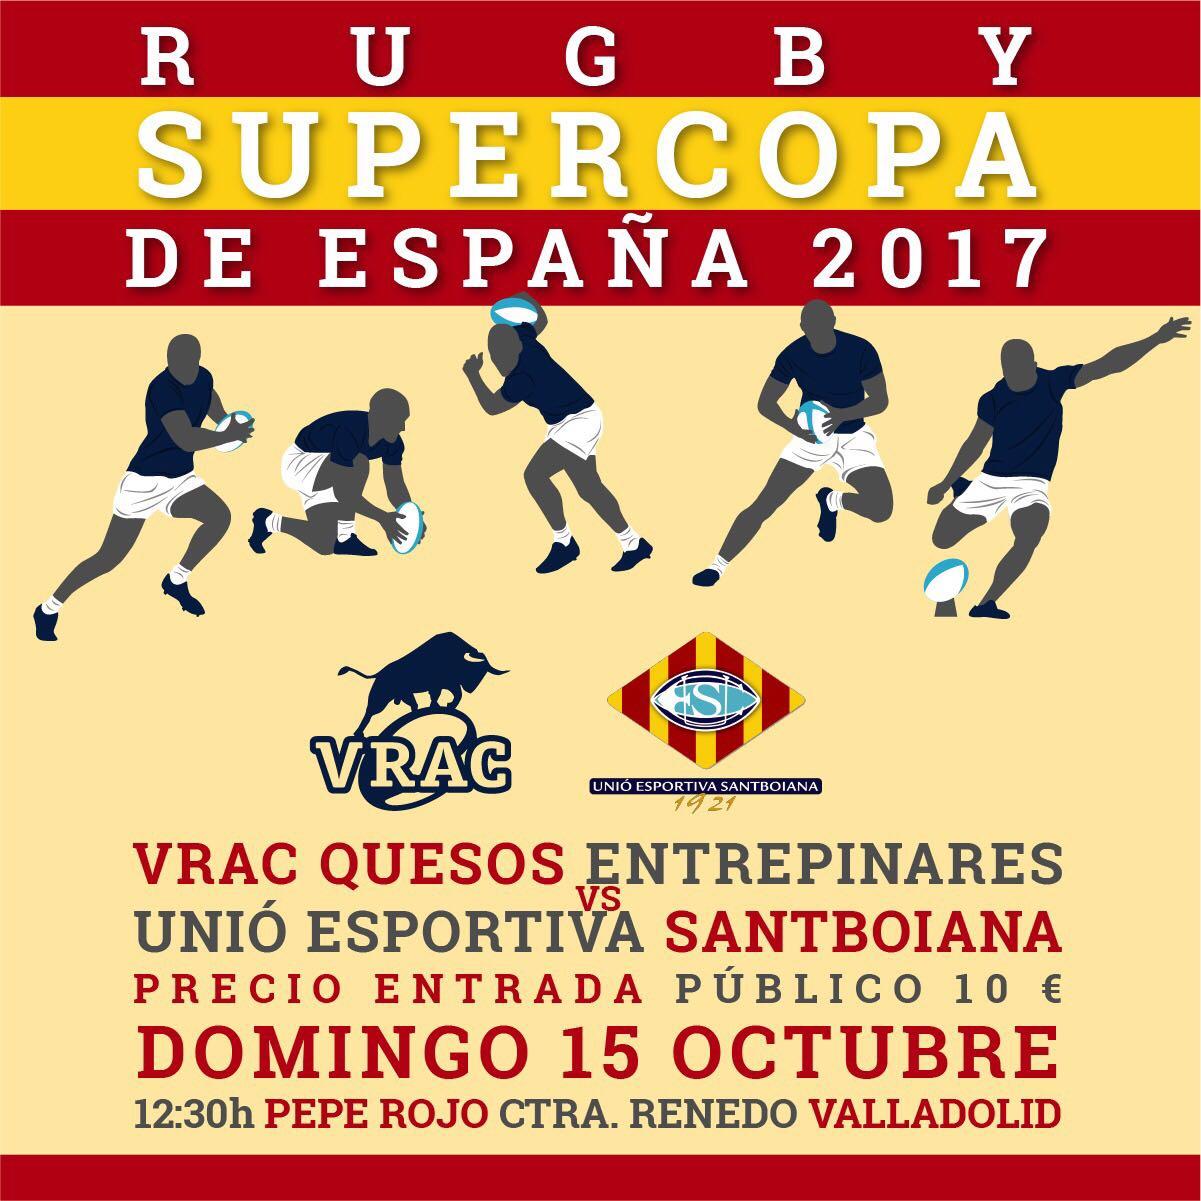 Agenda del fin de semana (14-15 de octubre)